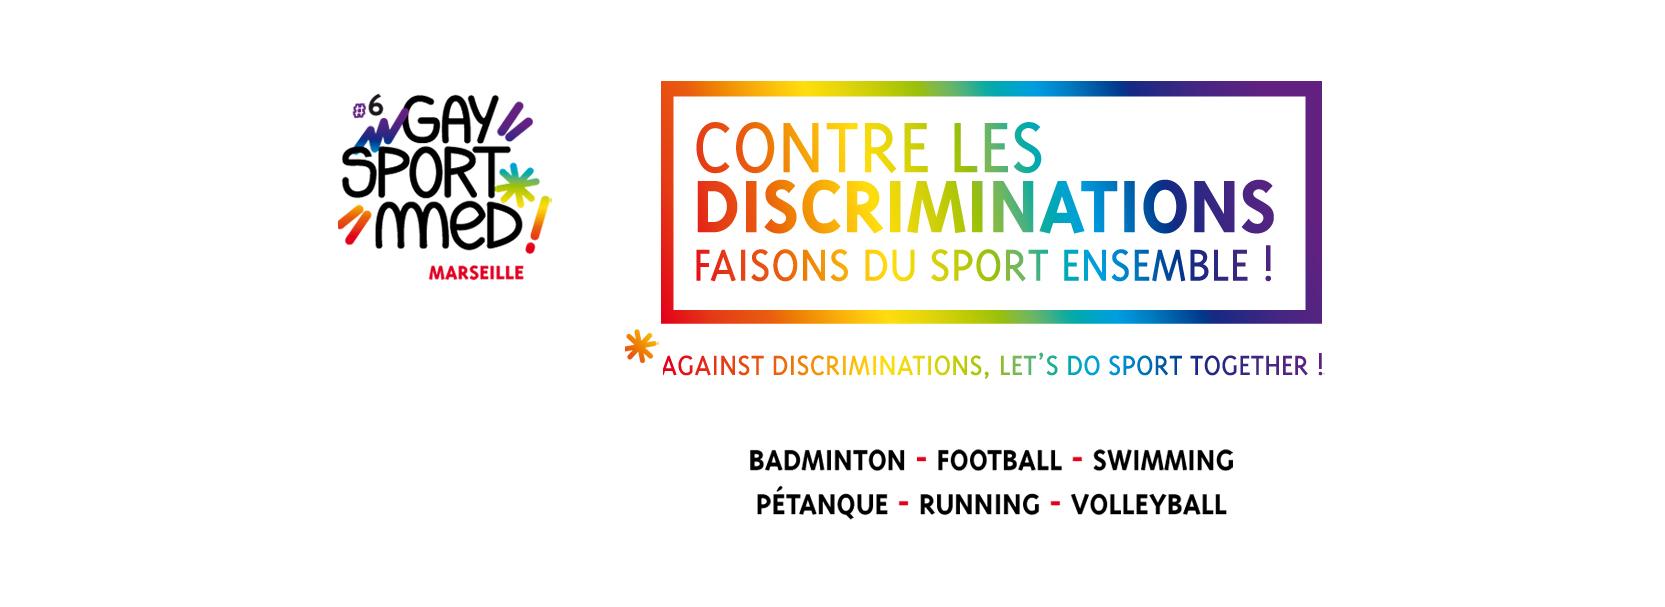 GaySportMed 6